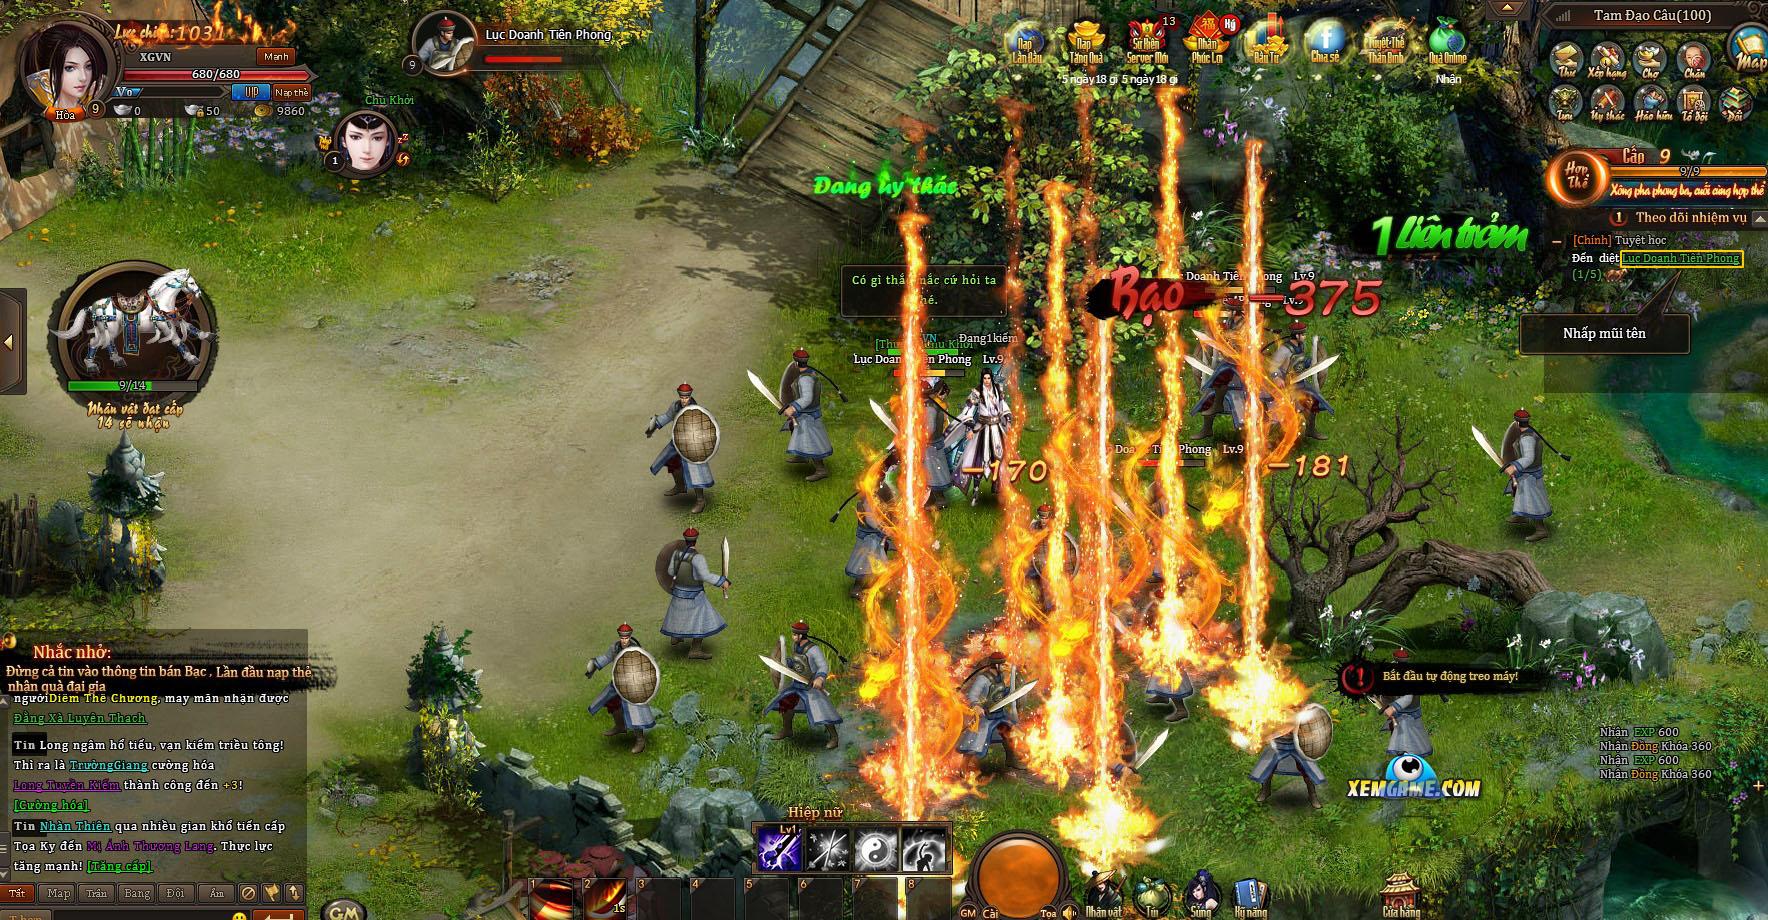 Ngạo Kiếm Kỳ Thư khiến người chơi được sống lại thời đam mê võ hiệp 2